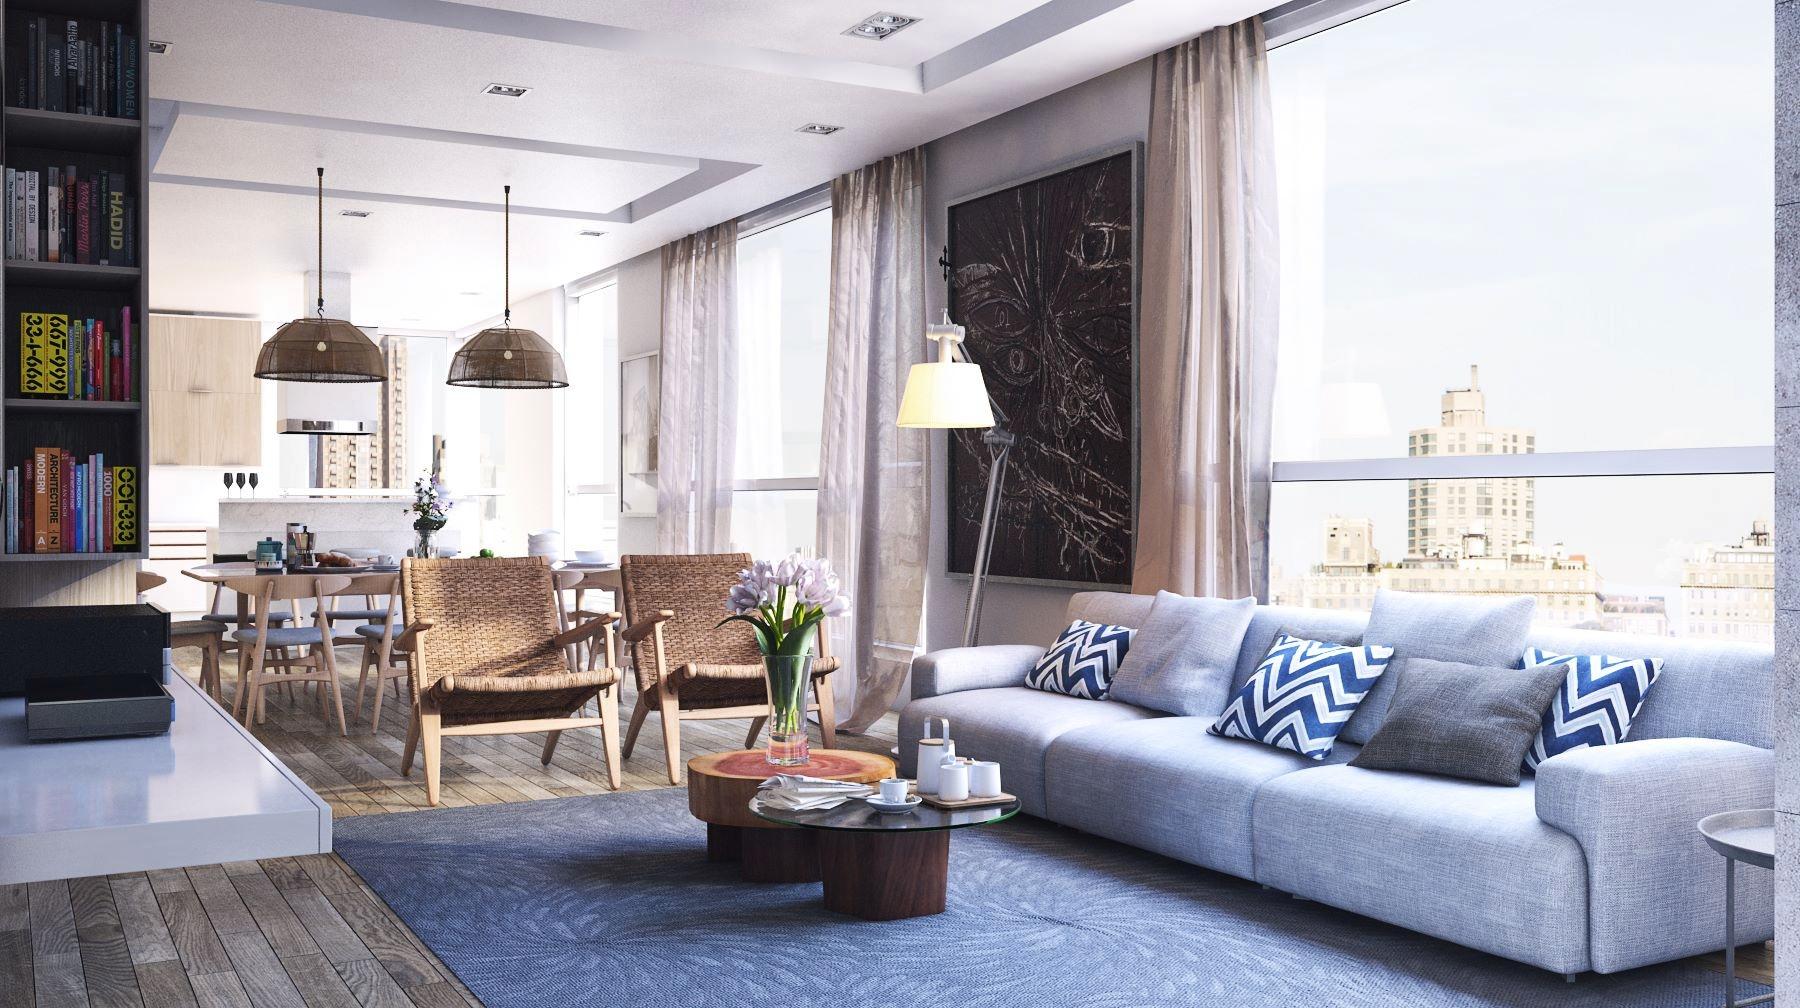 hipsterdecor  Interior Design Ideas